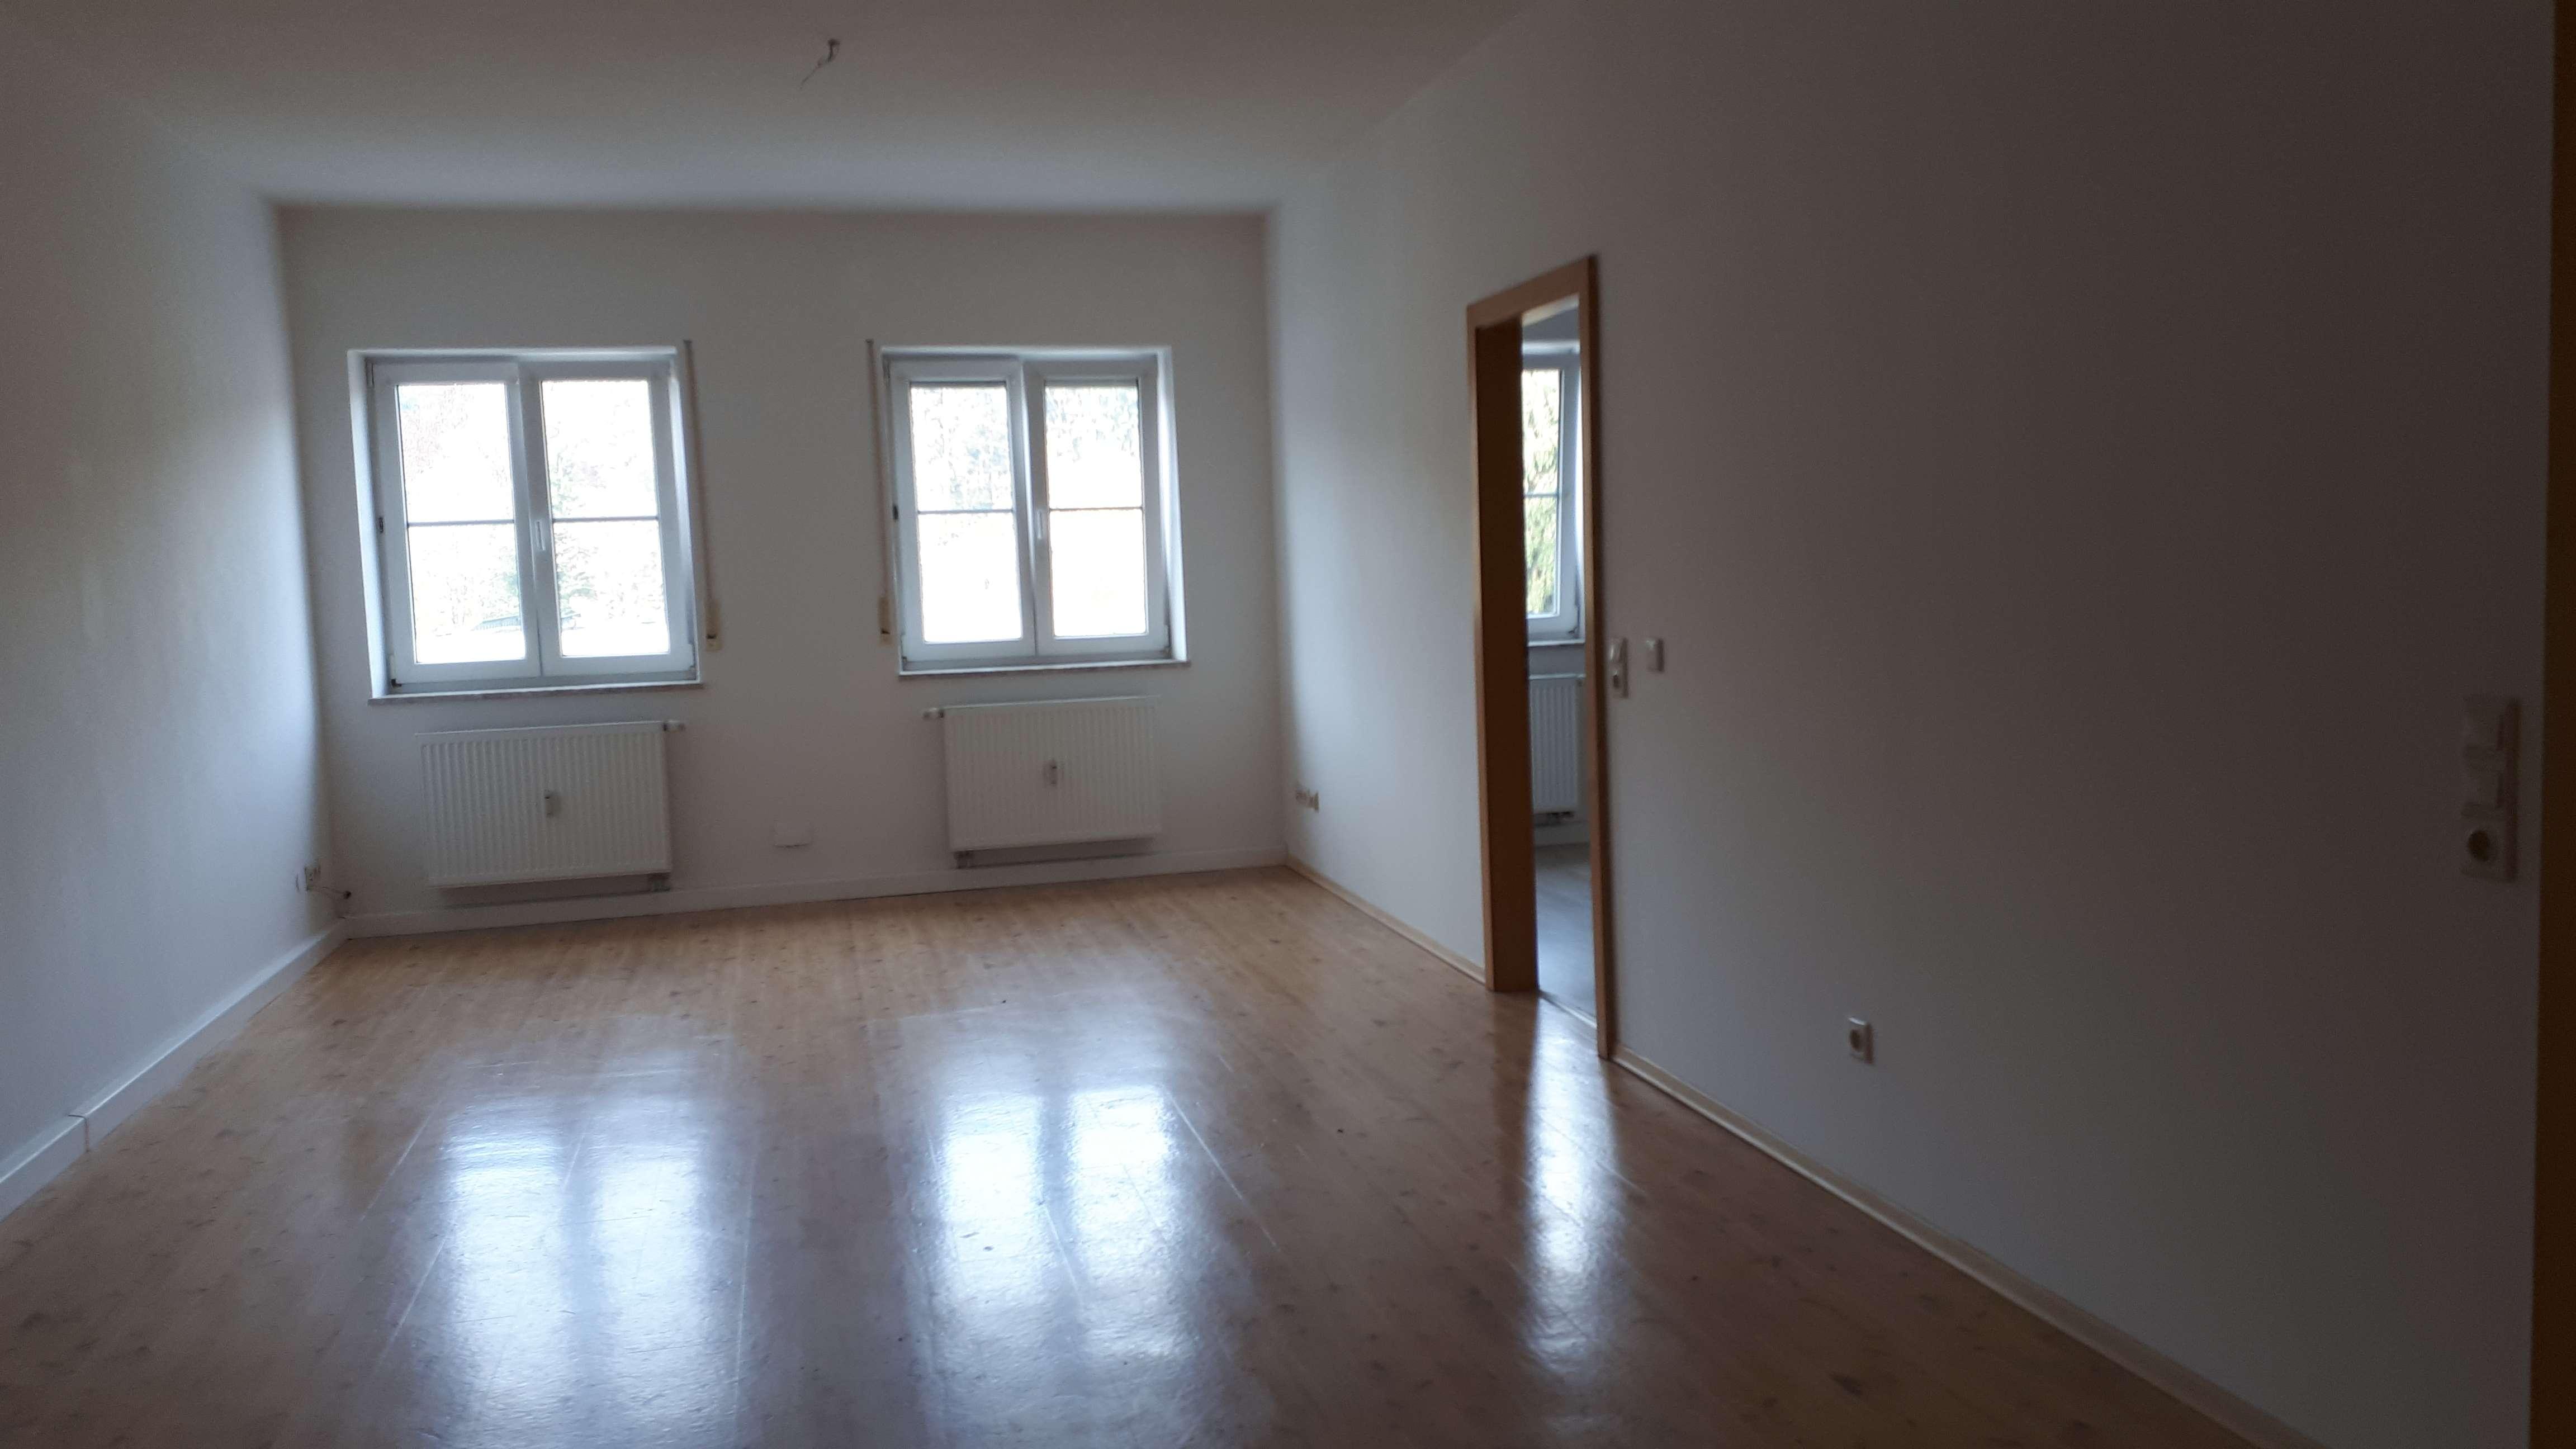 Geräumige, preiswerte 3-Zimmer-Wohnung in Hutthurm-Kalteneck in Hutthurm